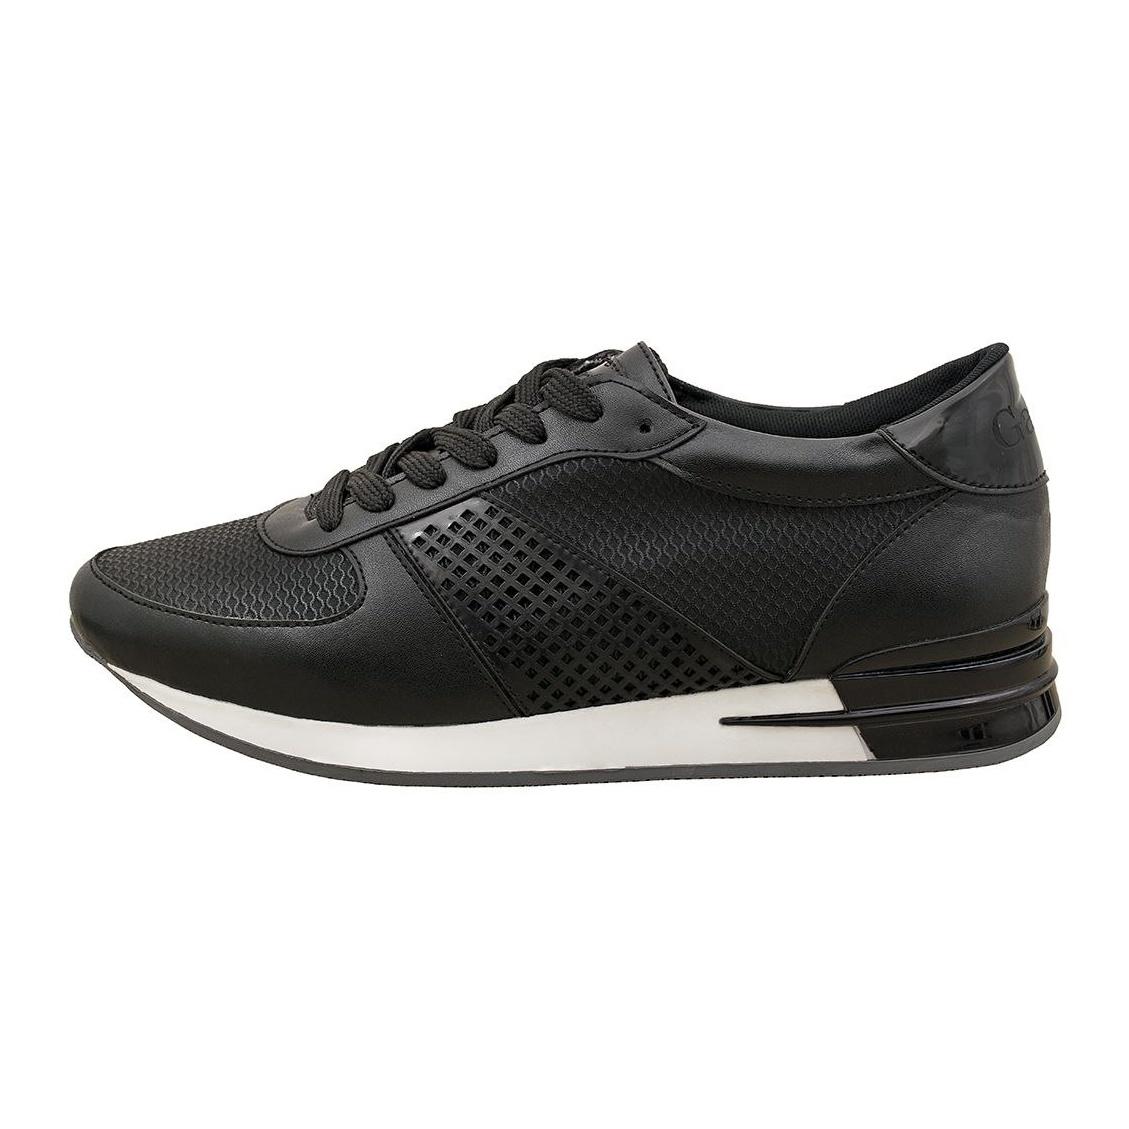 کفش مخصوص پیاده روی زنانه مدل Ln201